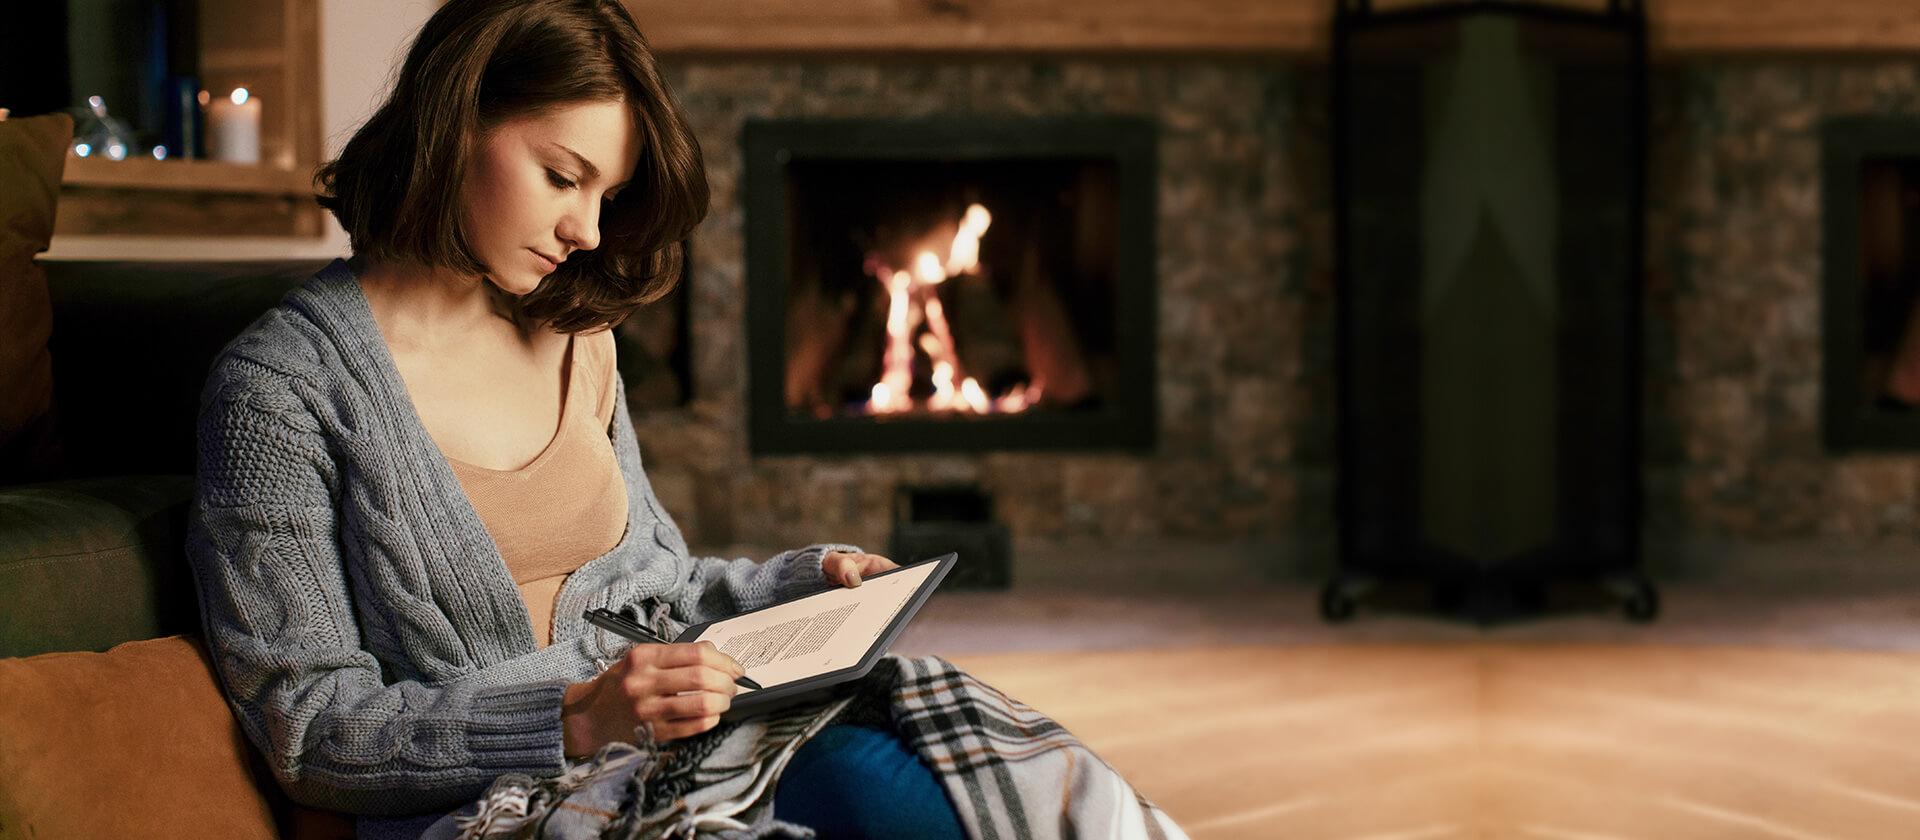 閱讀電子書除了平板更好的裝置選擇